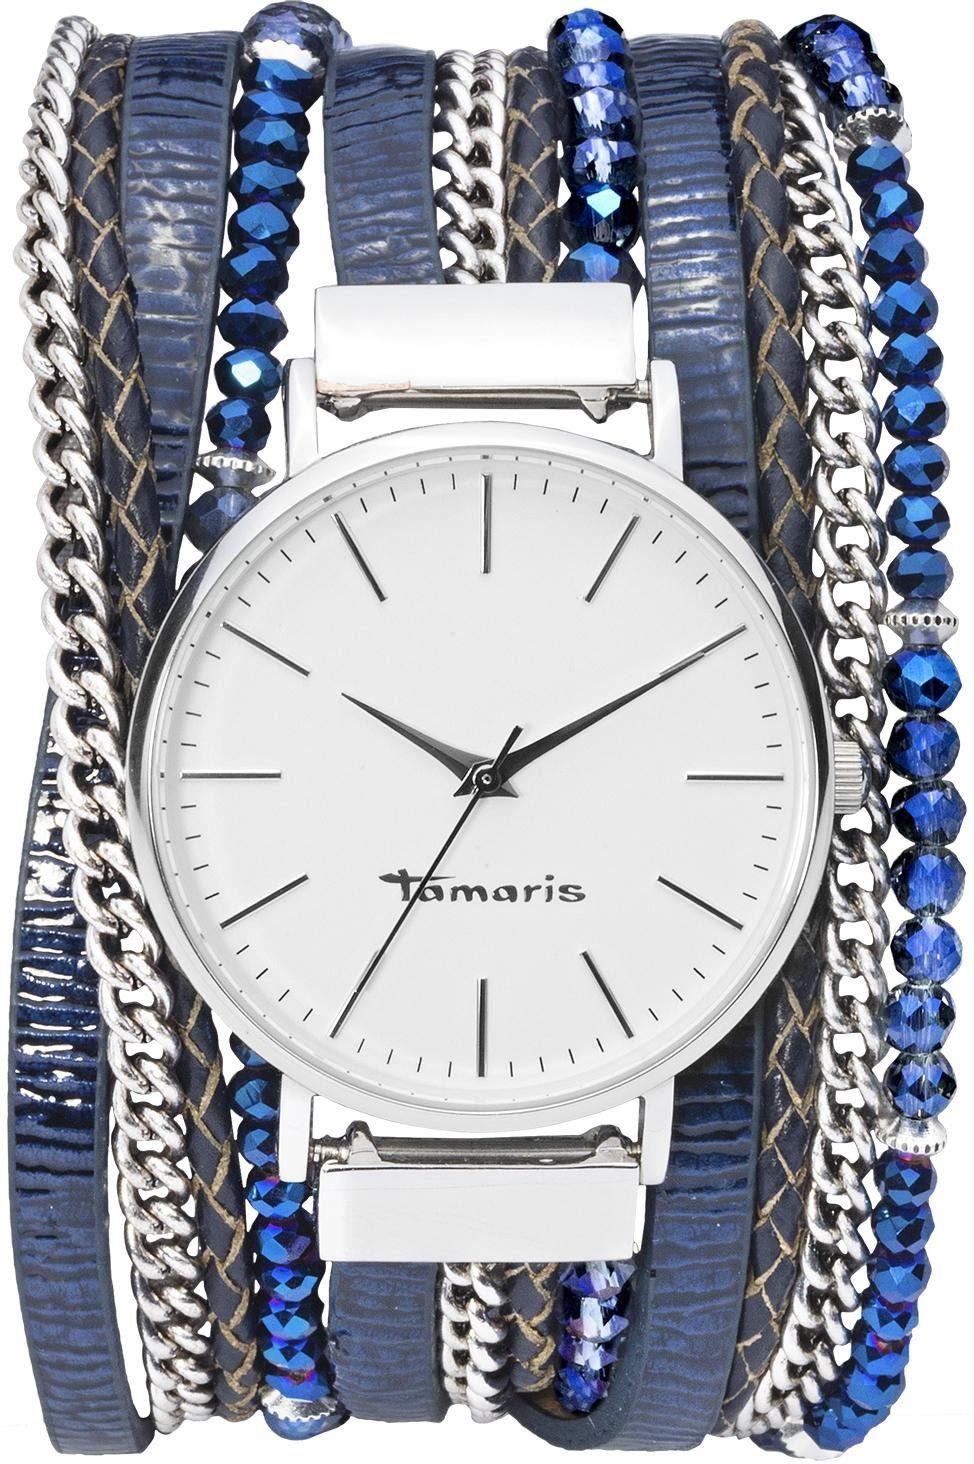 Tamaris Quarzuhr »E06019420«